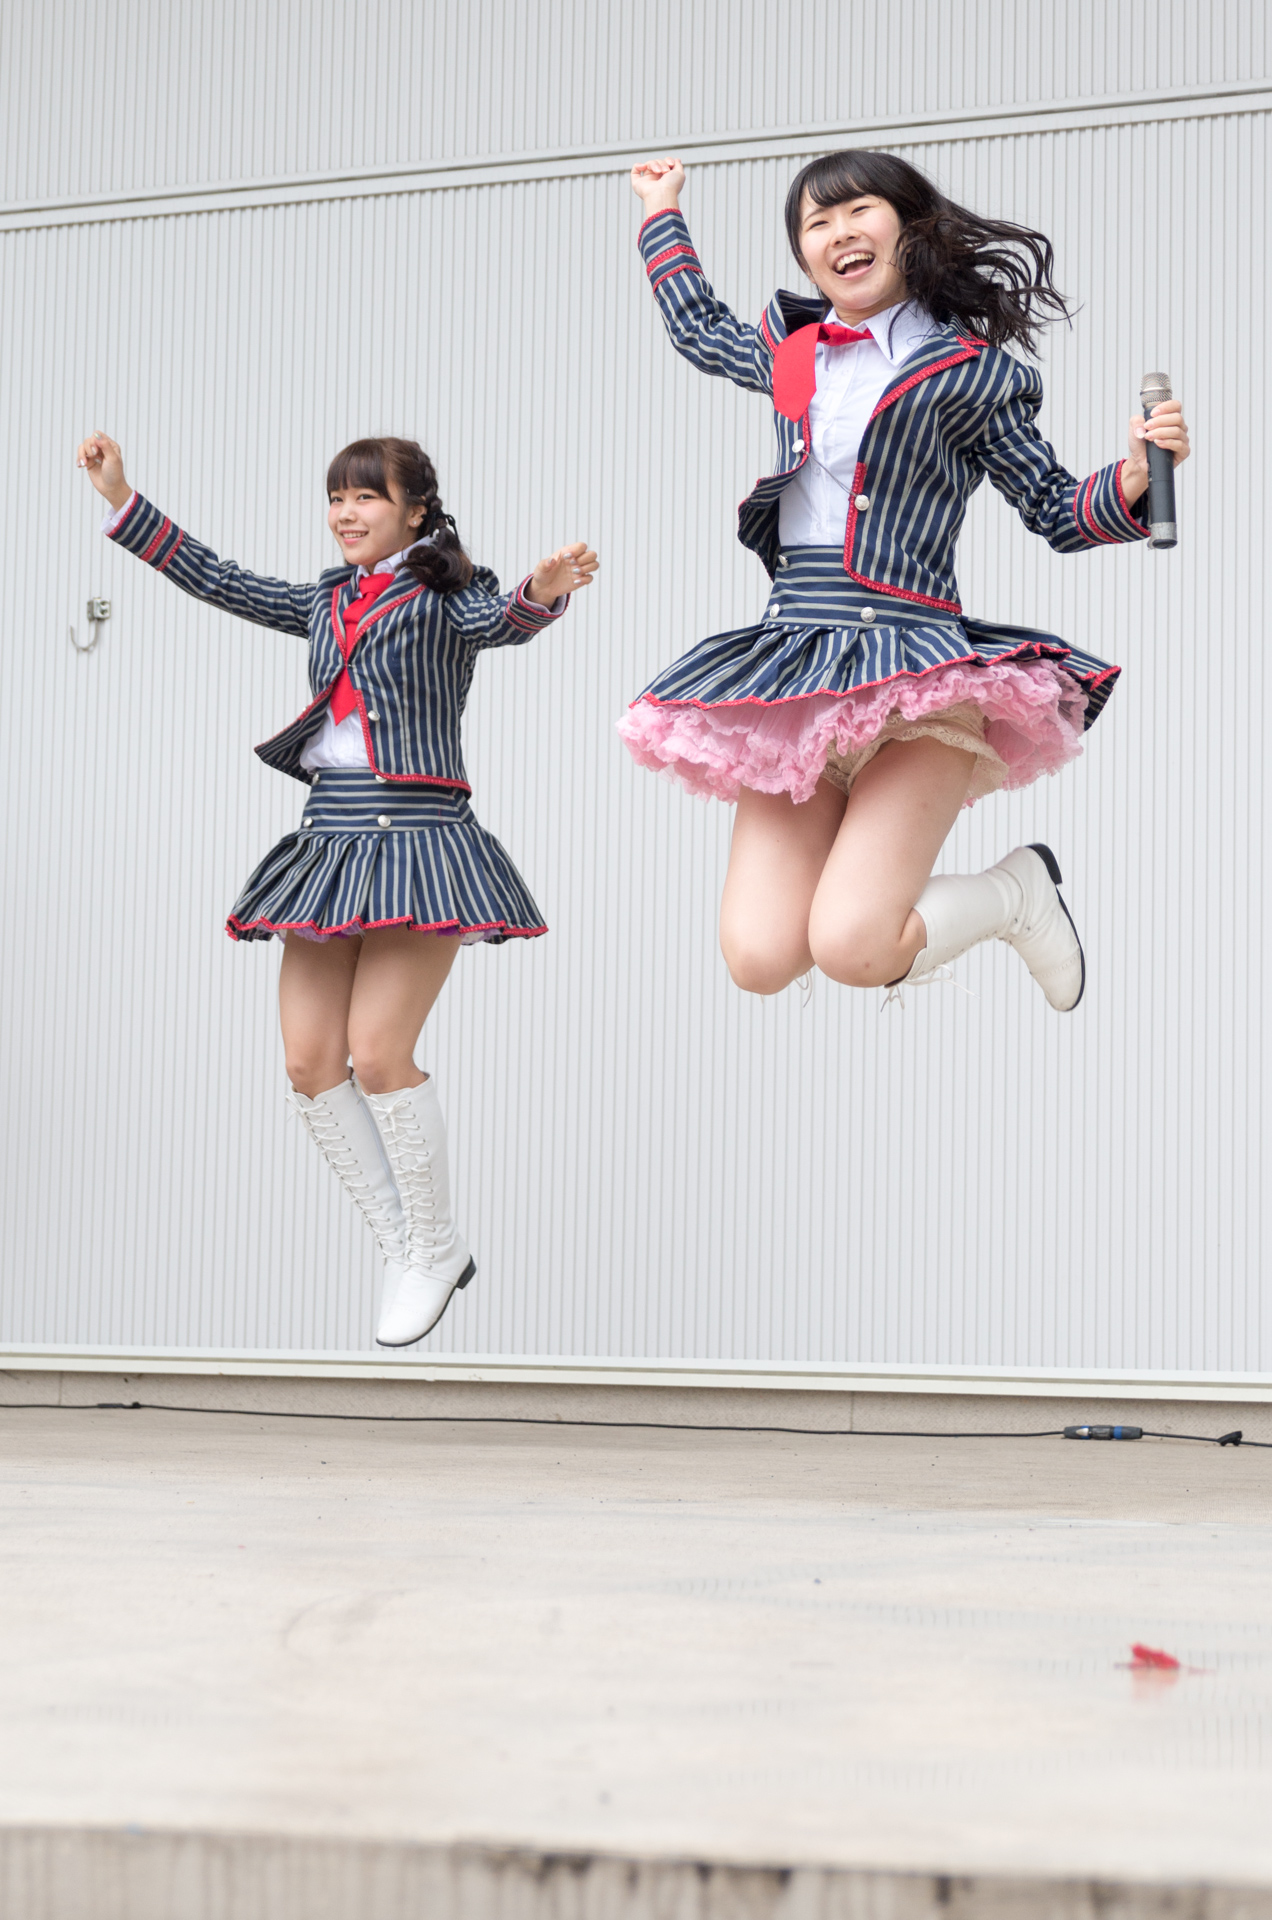 フルーティー♡ もっち ( 長久保桃子 ) | アイドルライブ in 円山動物園